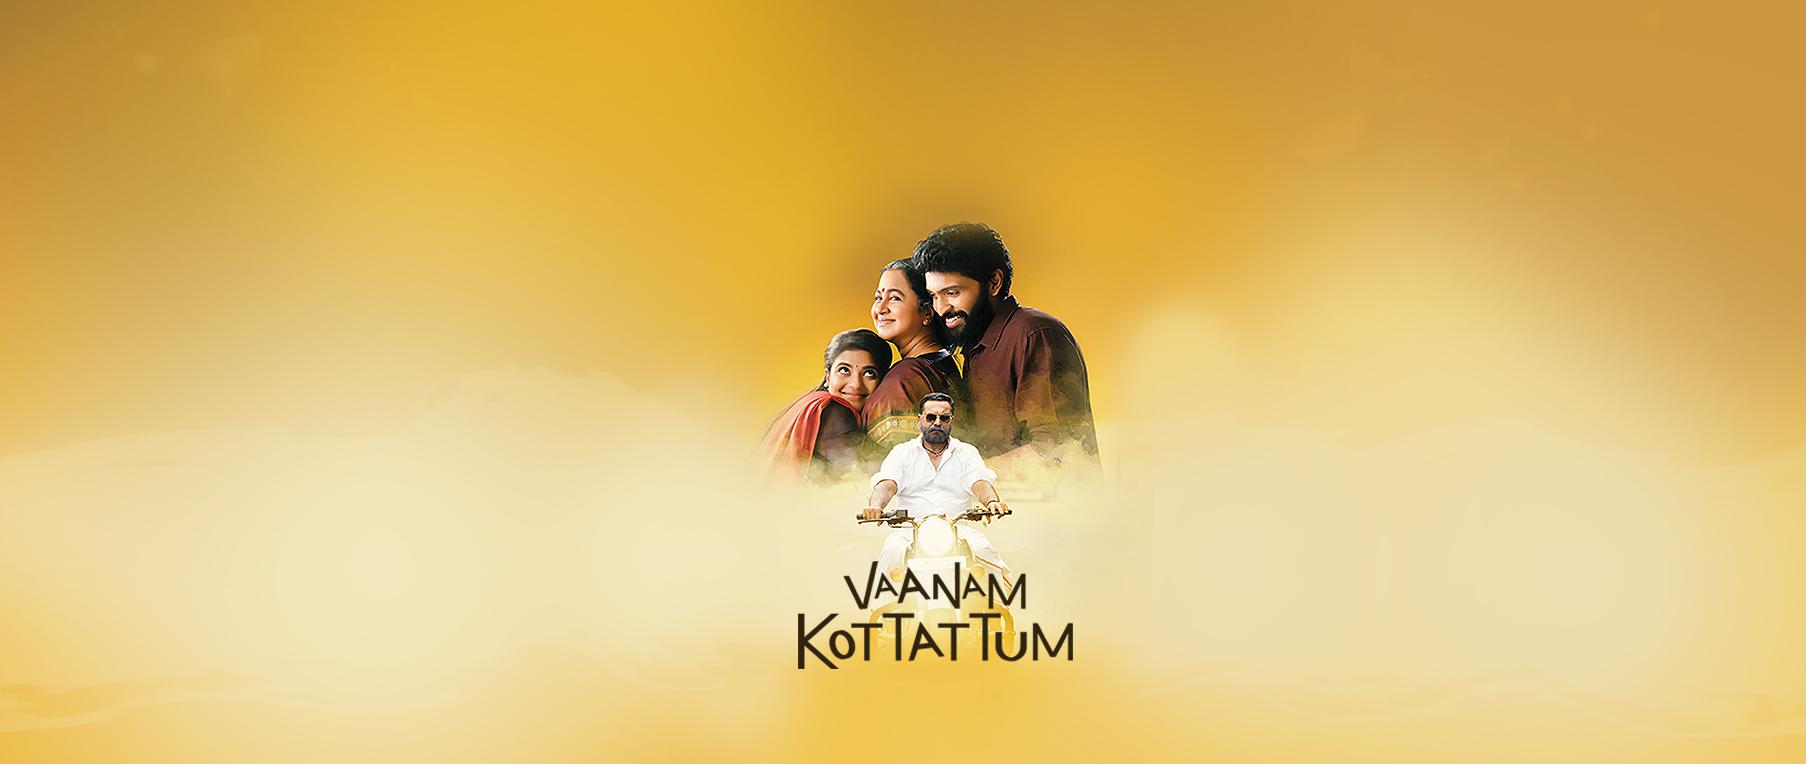 Vaanam Kottatum